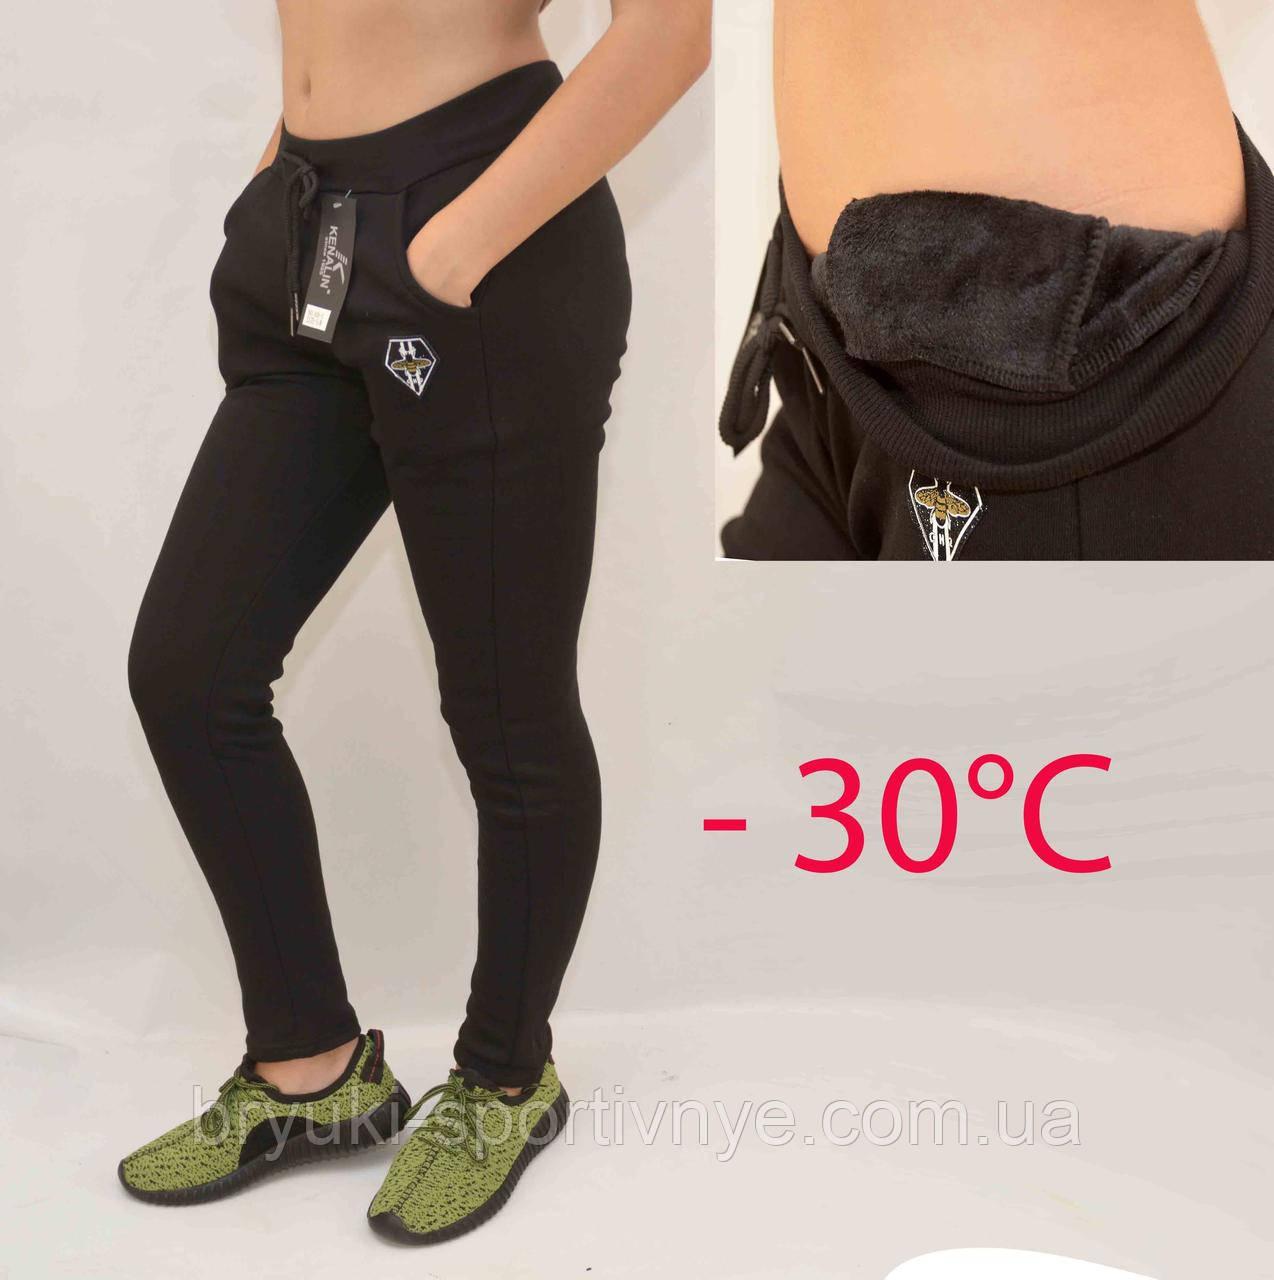 Штани жіночі спортивні зимові на хутряній підкладці - Бджілка S -XL